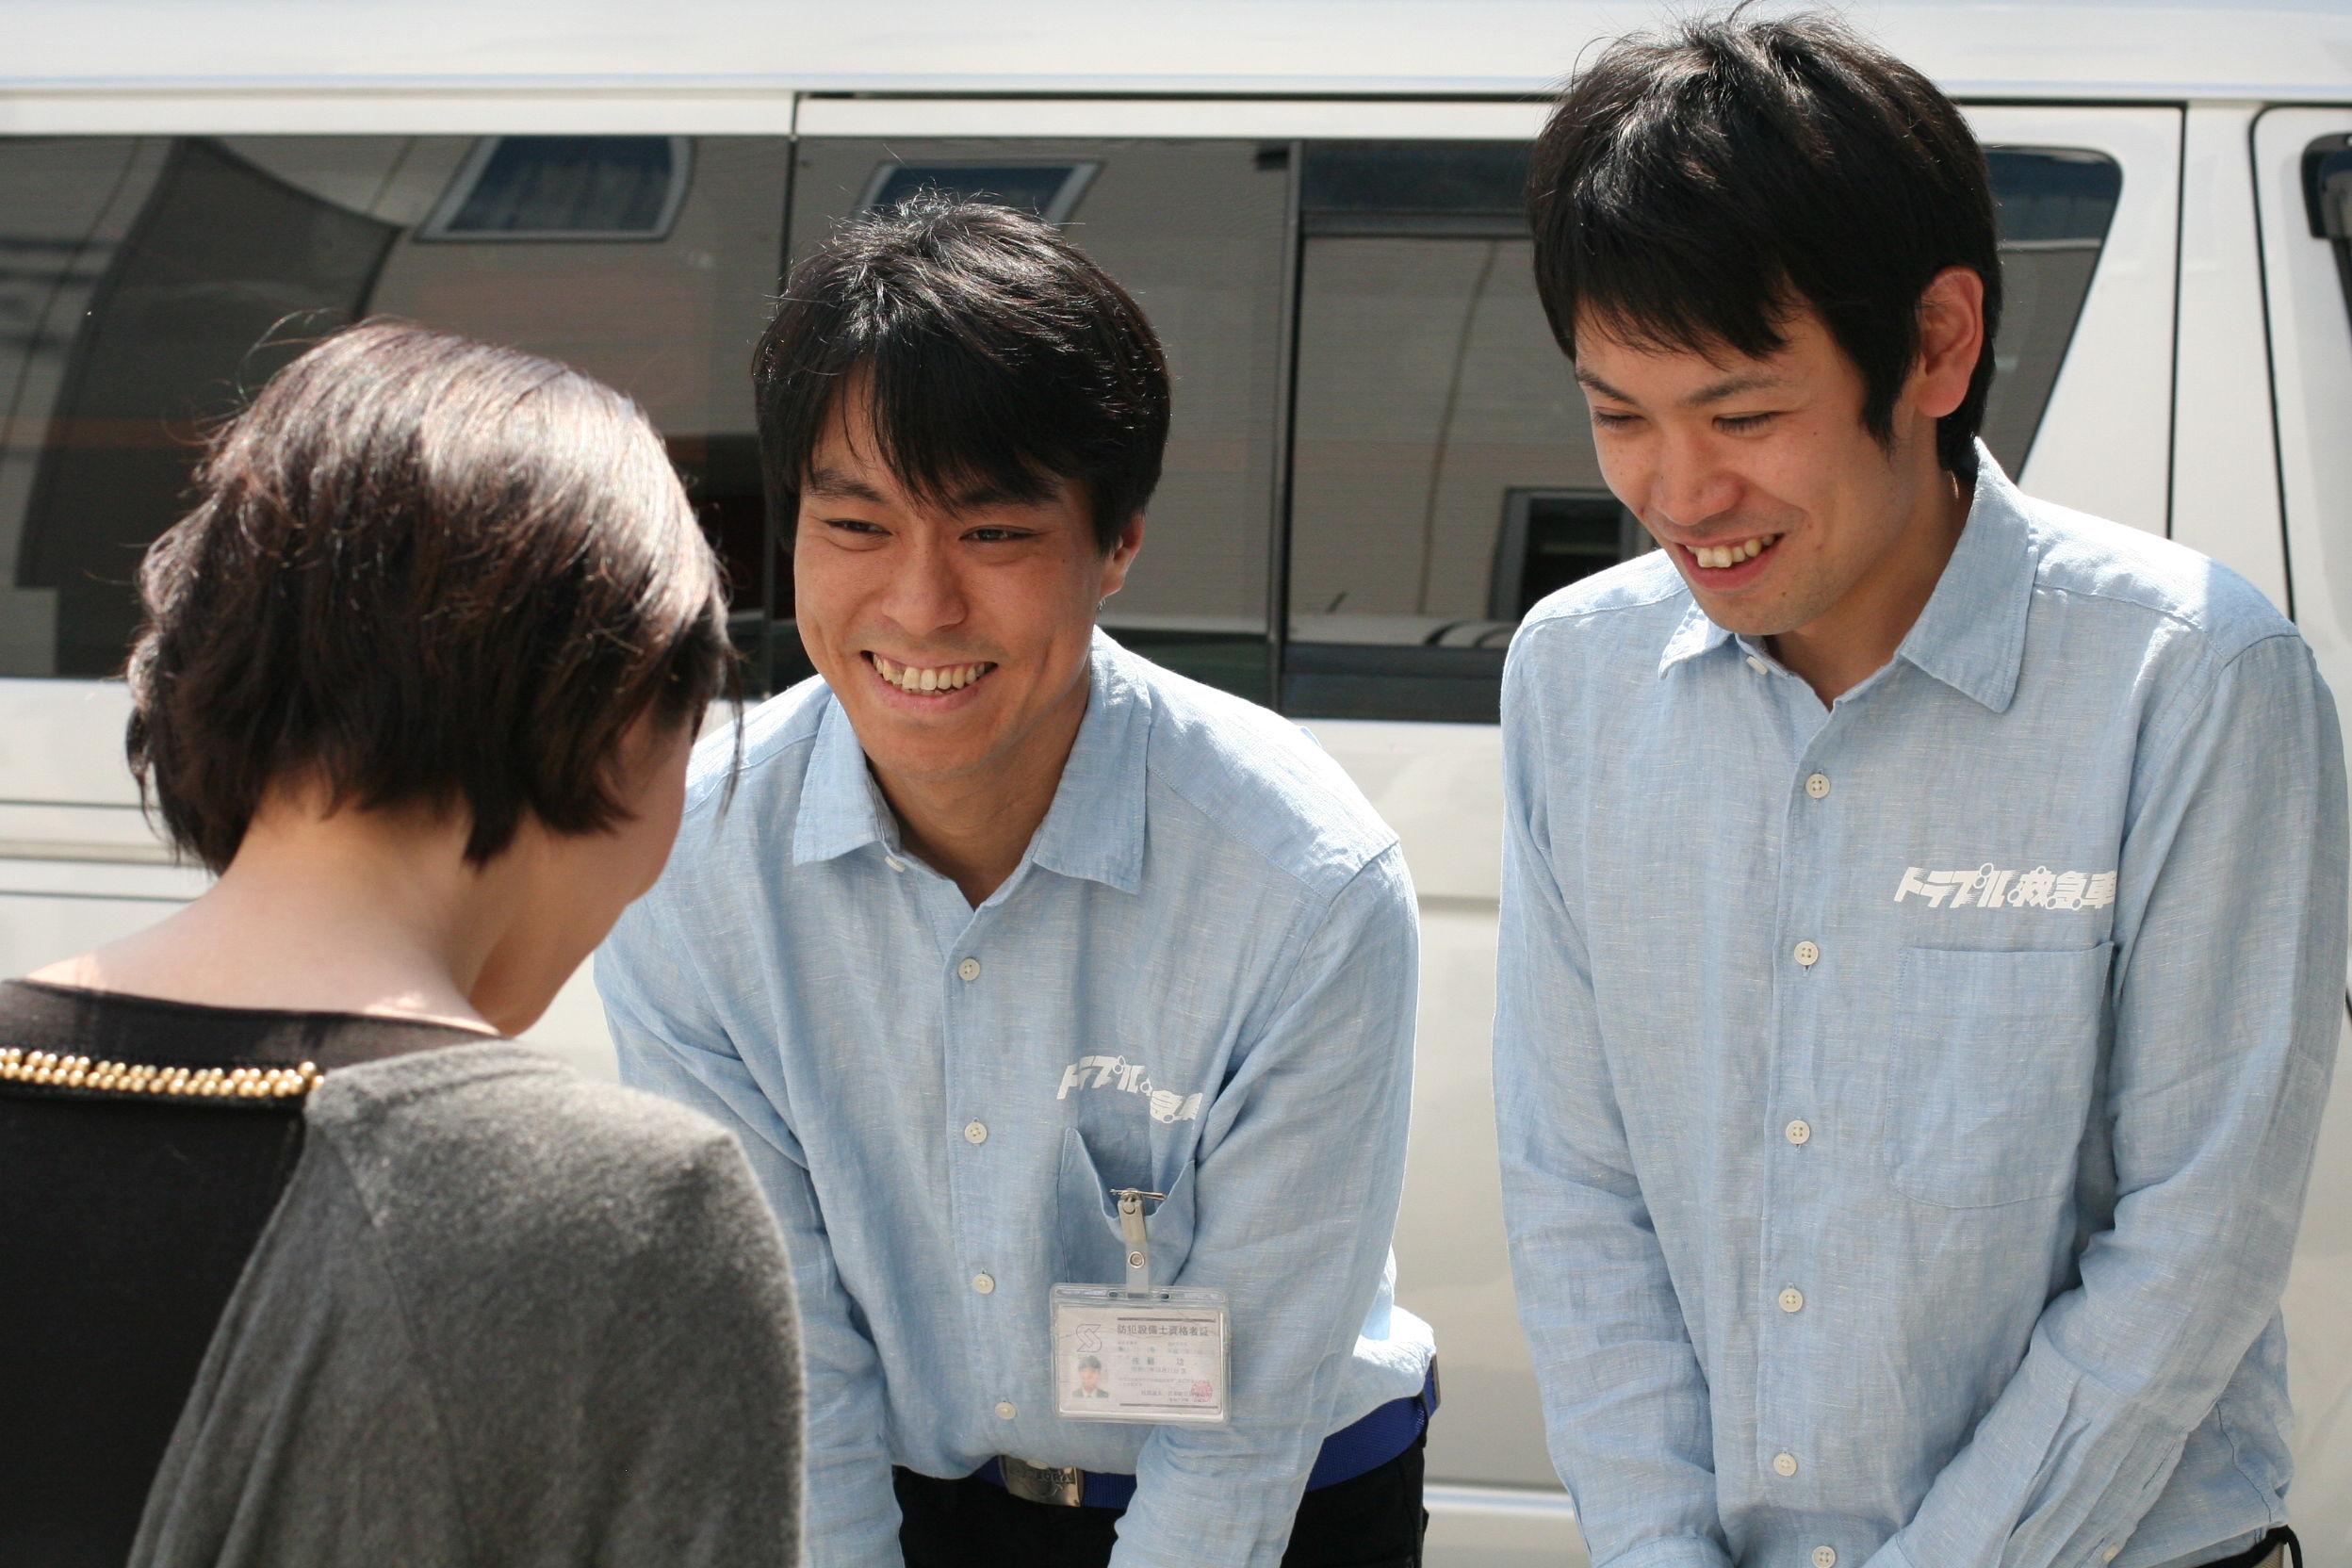 鍵のトラブル救急車【勝浦市 出張エリア】のアピールポイント1